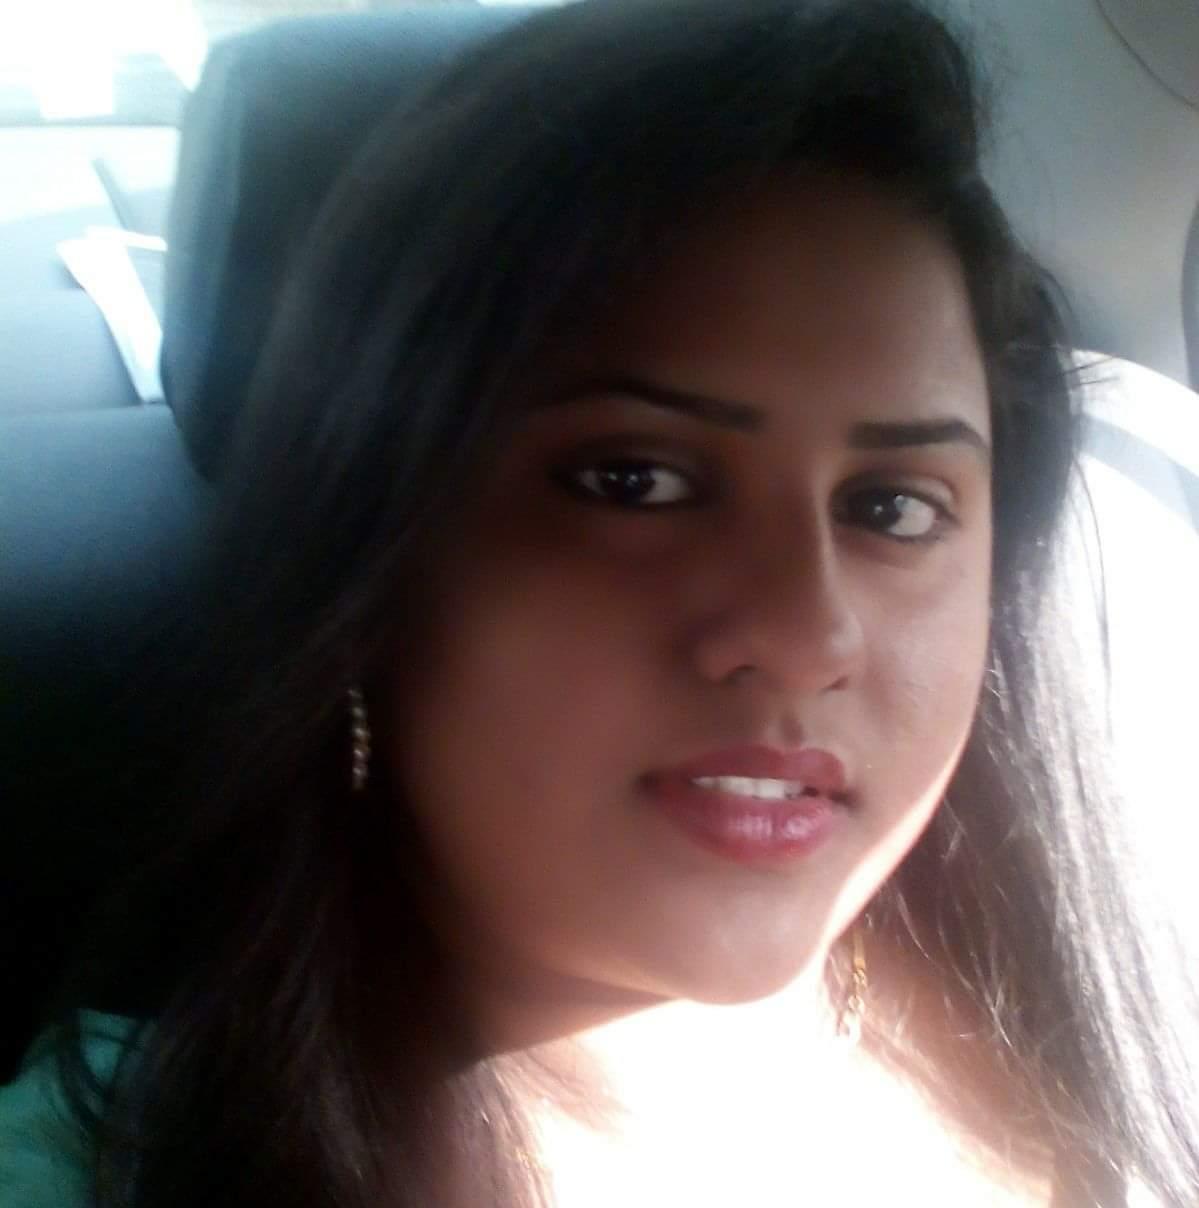 mayuri manesha picture_IM_2018123012441868.jpg